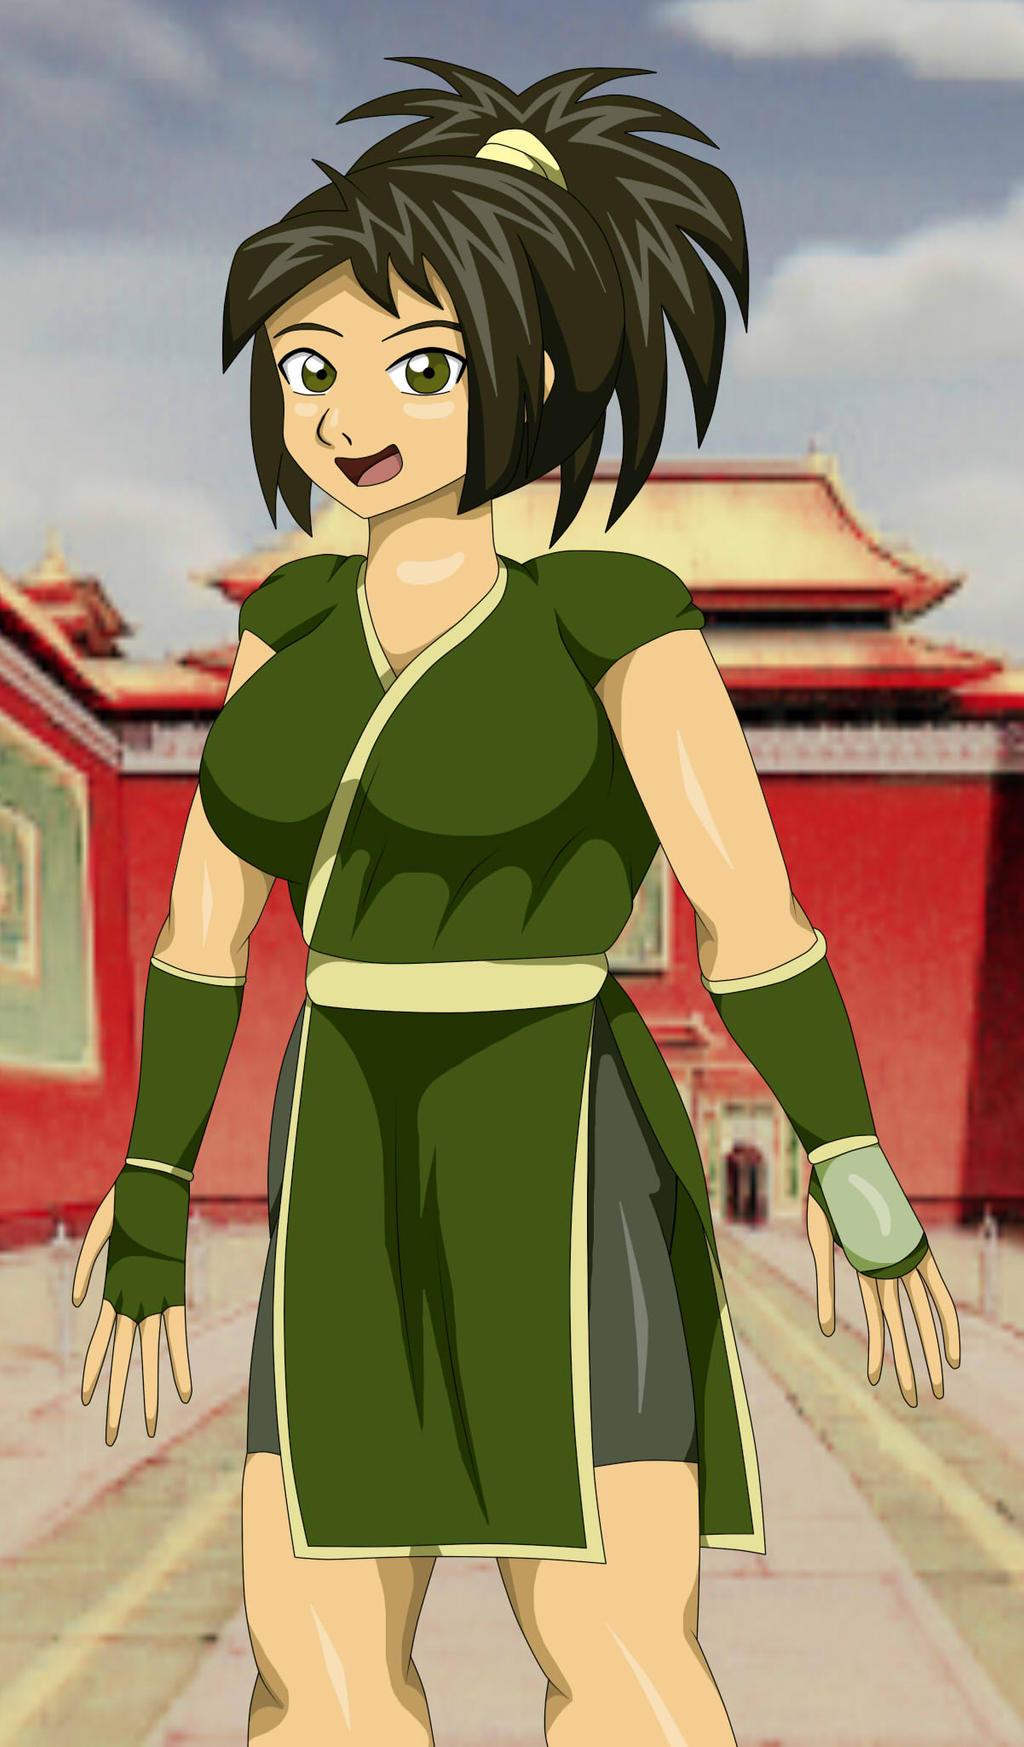 Avatar The Last Airbender Jin